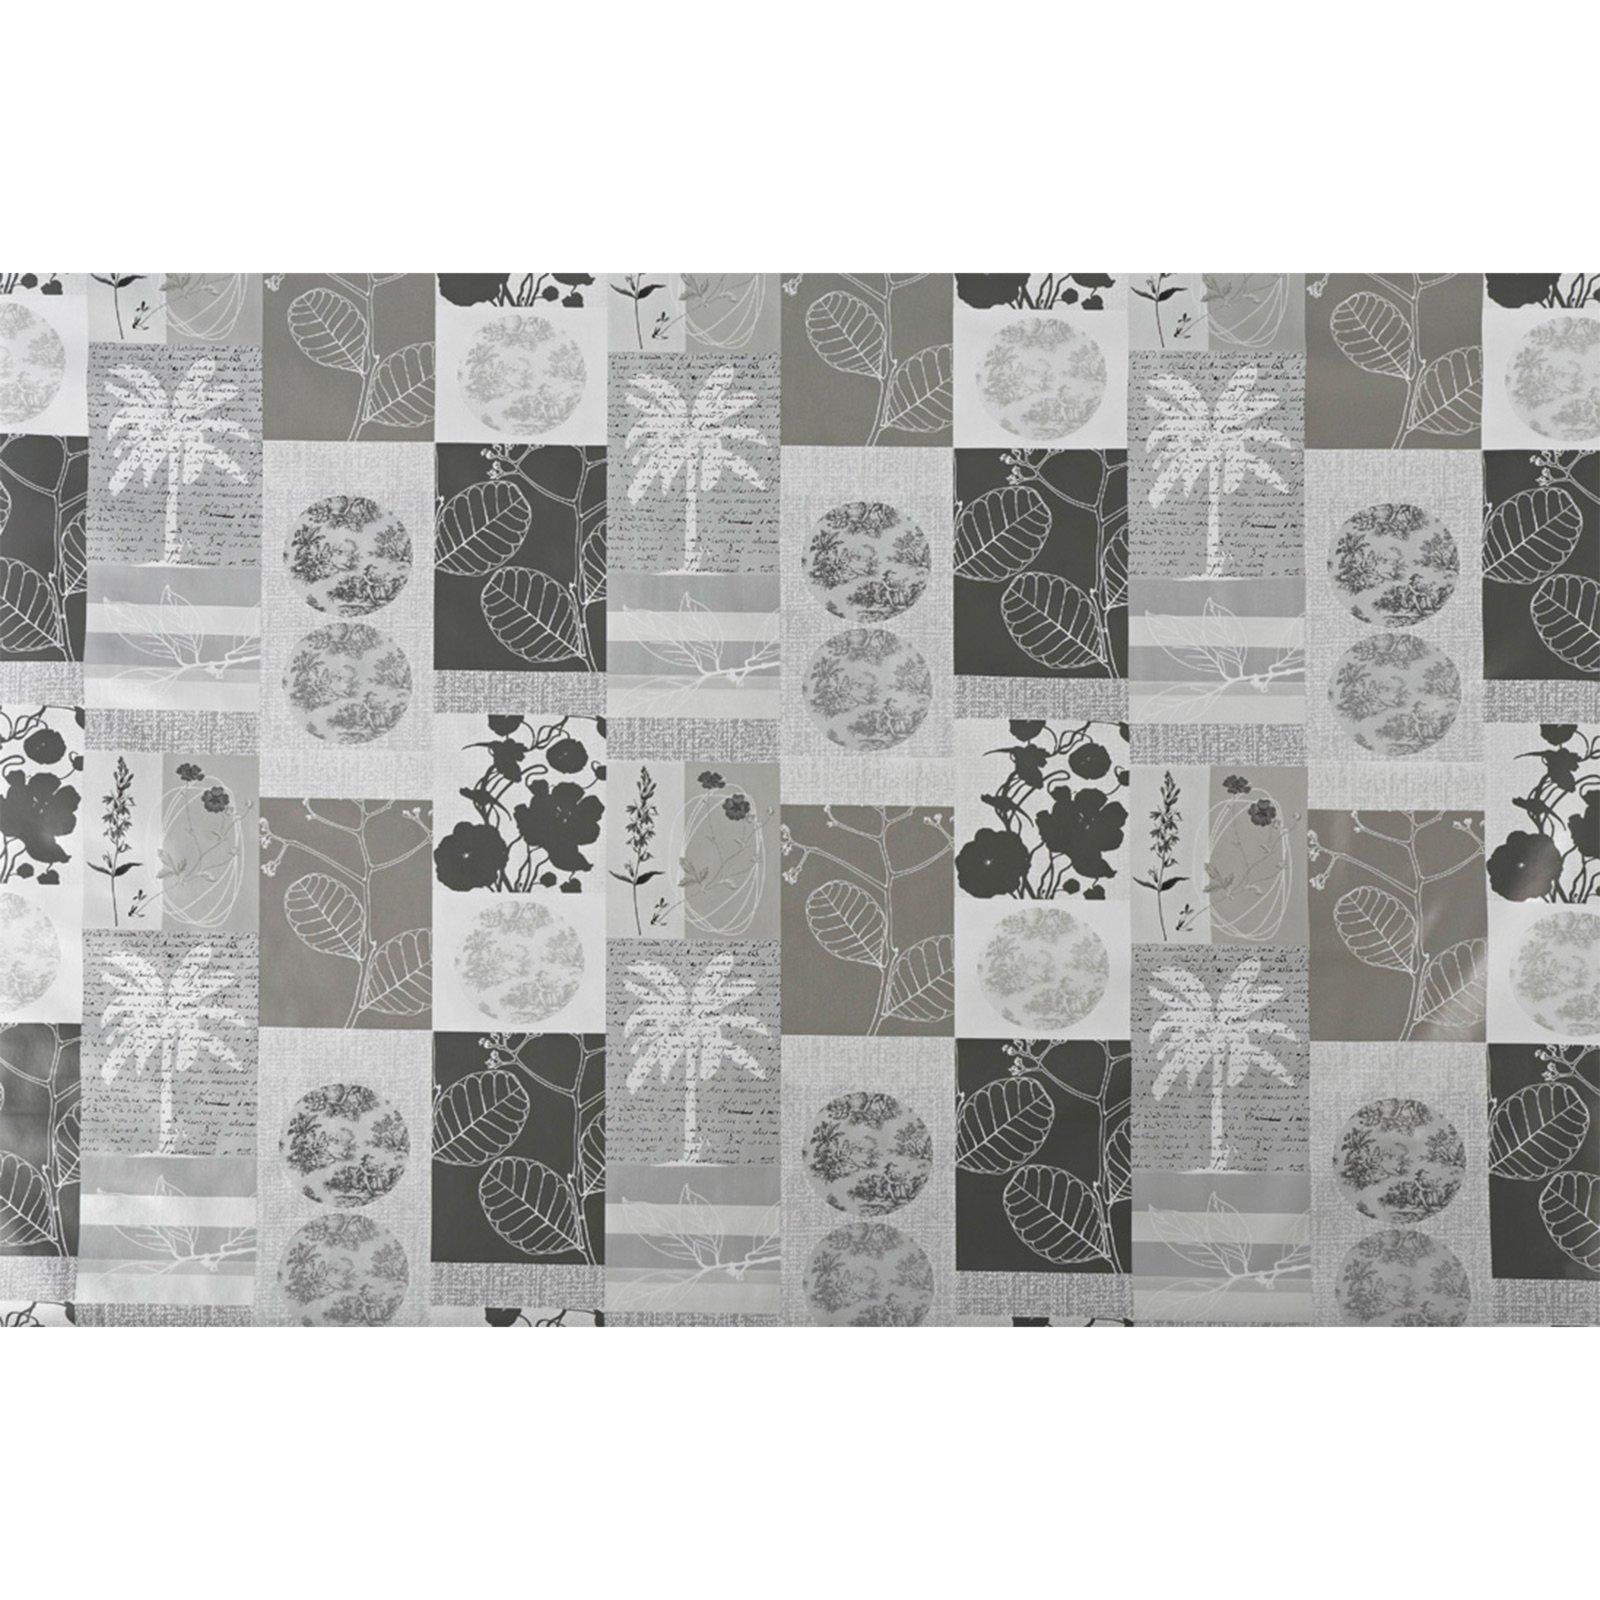 tischdecke grau romantik 140 cm breit tischdecken tischl ufer heimtextilien deko. Black Bedroom Furniture Sets. Home Design Ideas